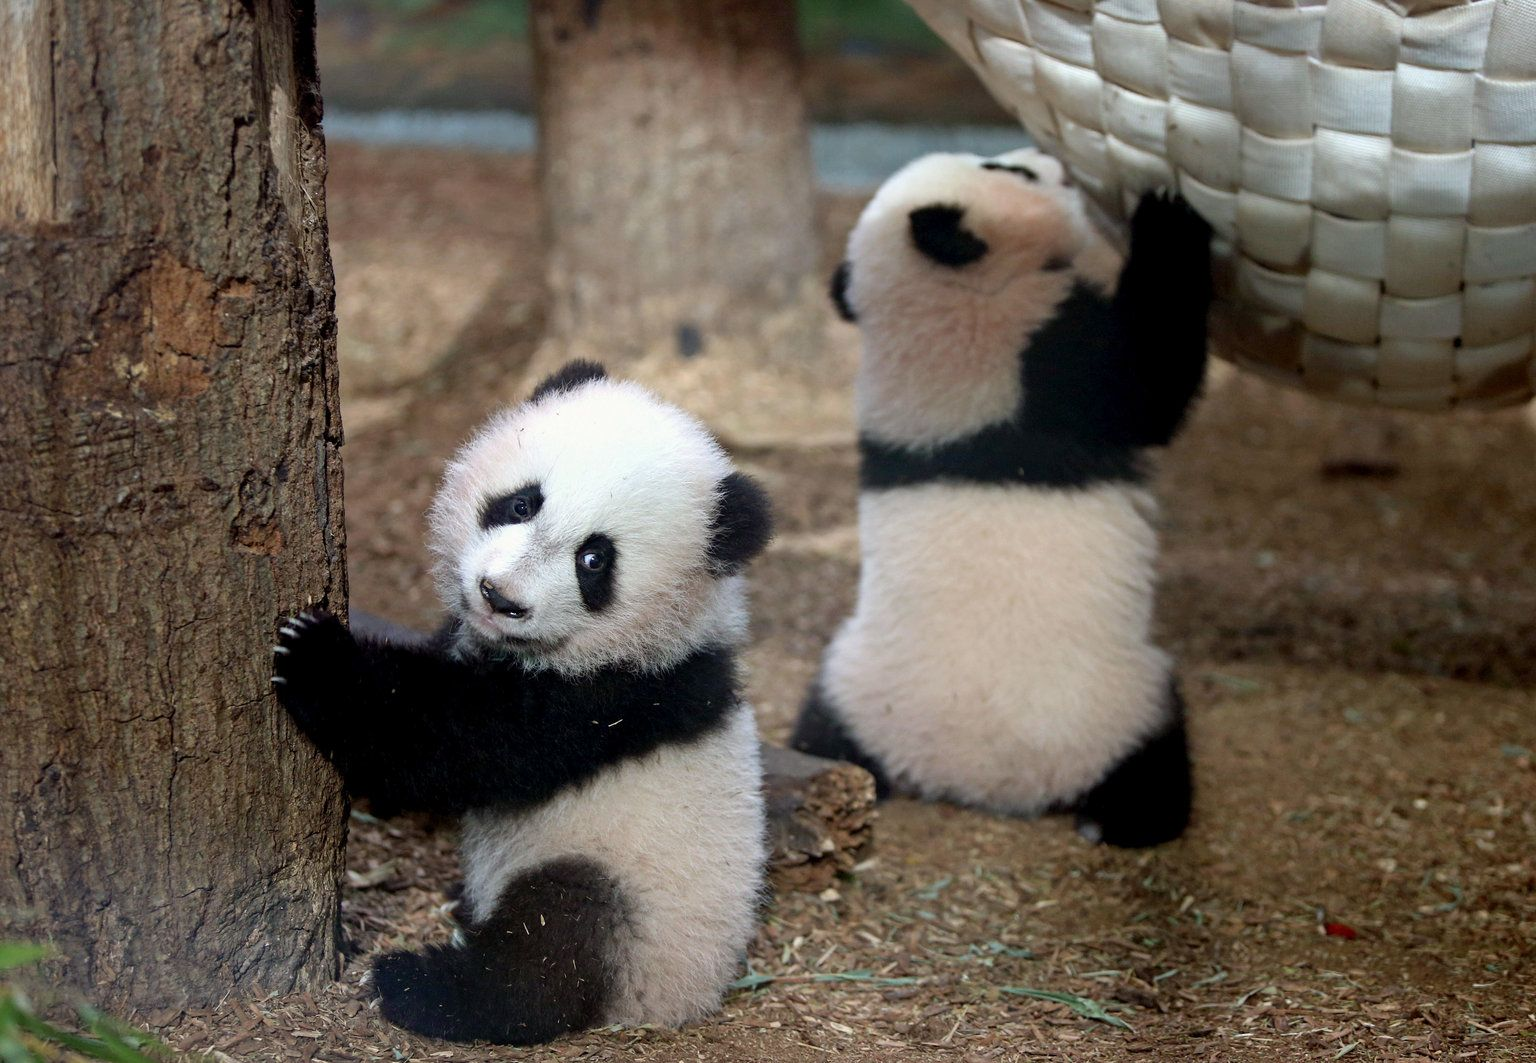 Baby Panda Con Immagini